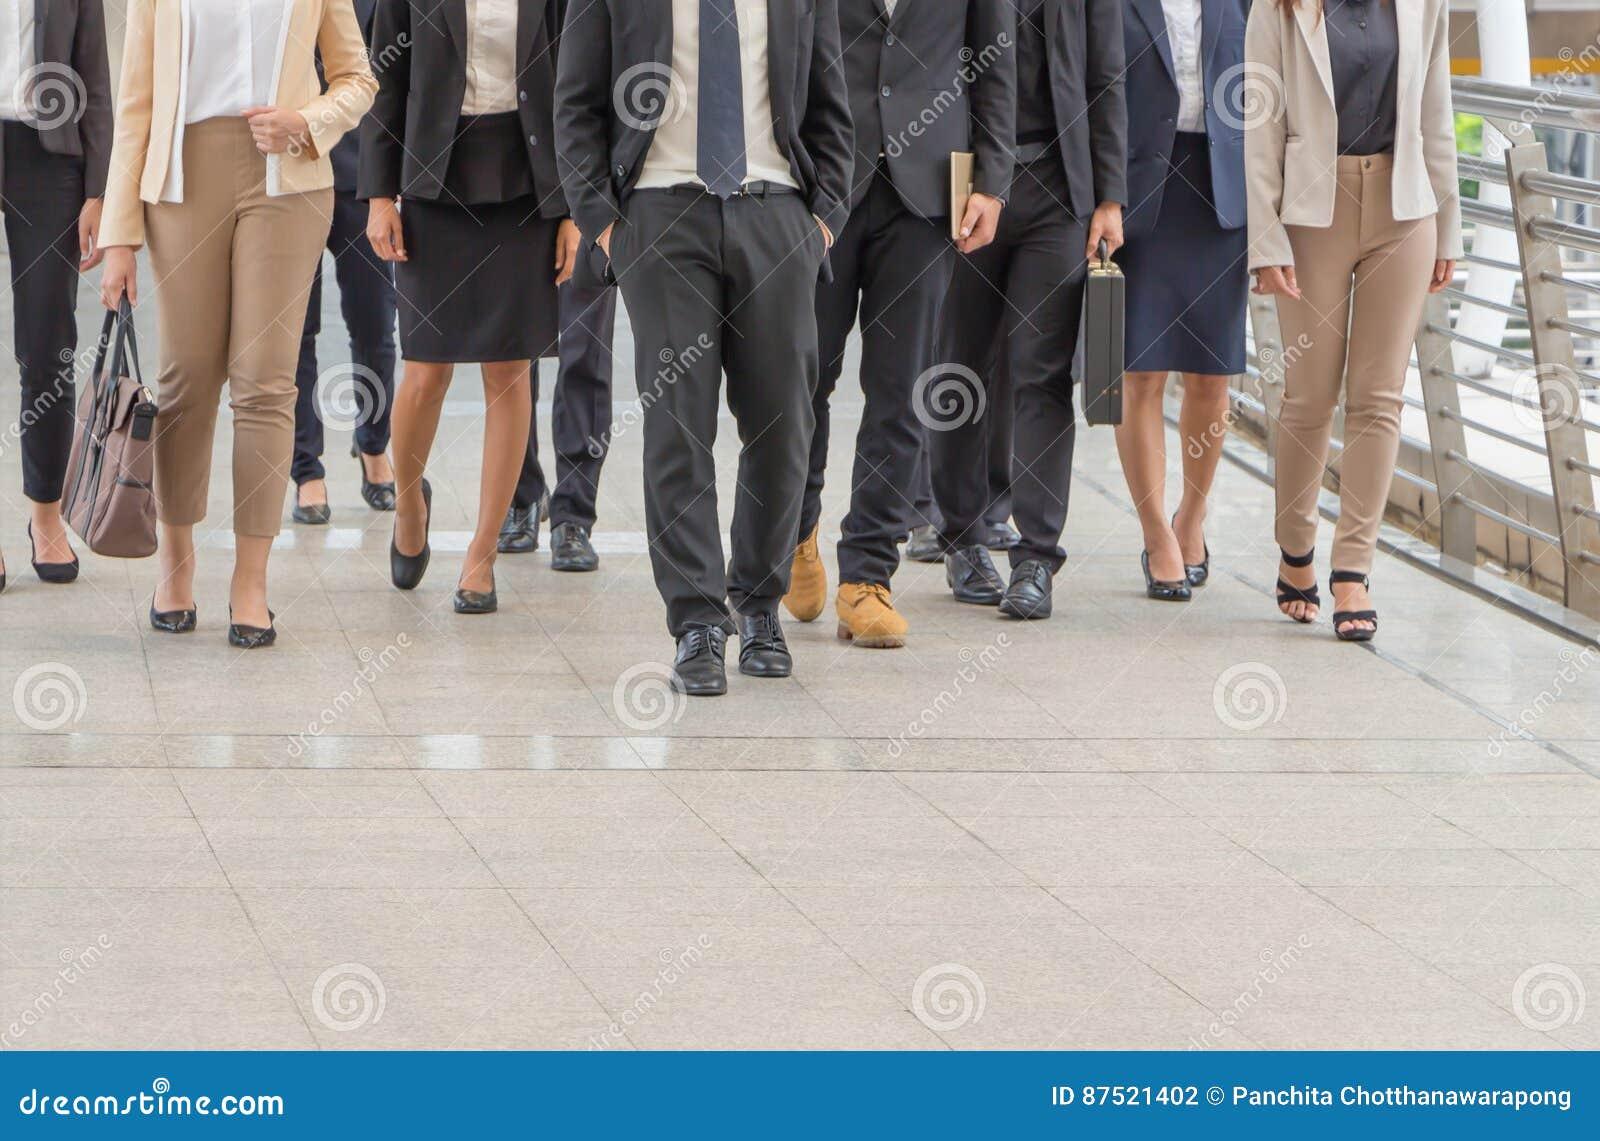 Groep gelukkig jong commercieel team, zakenlui die het openluchtbureau samen lopen